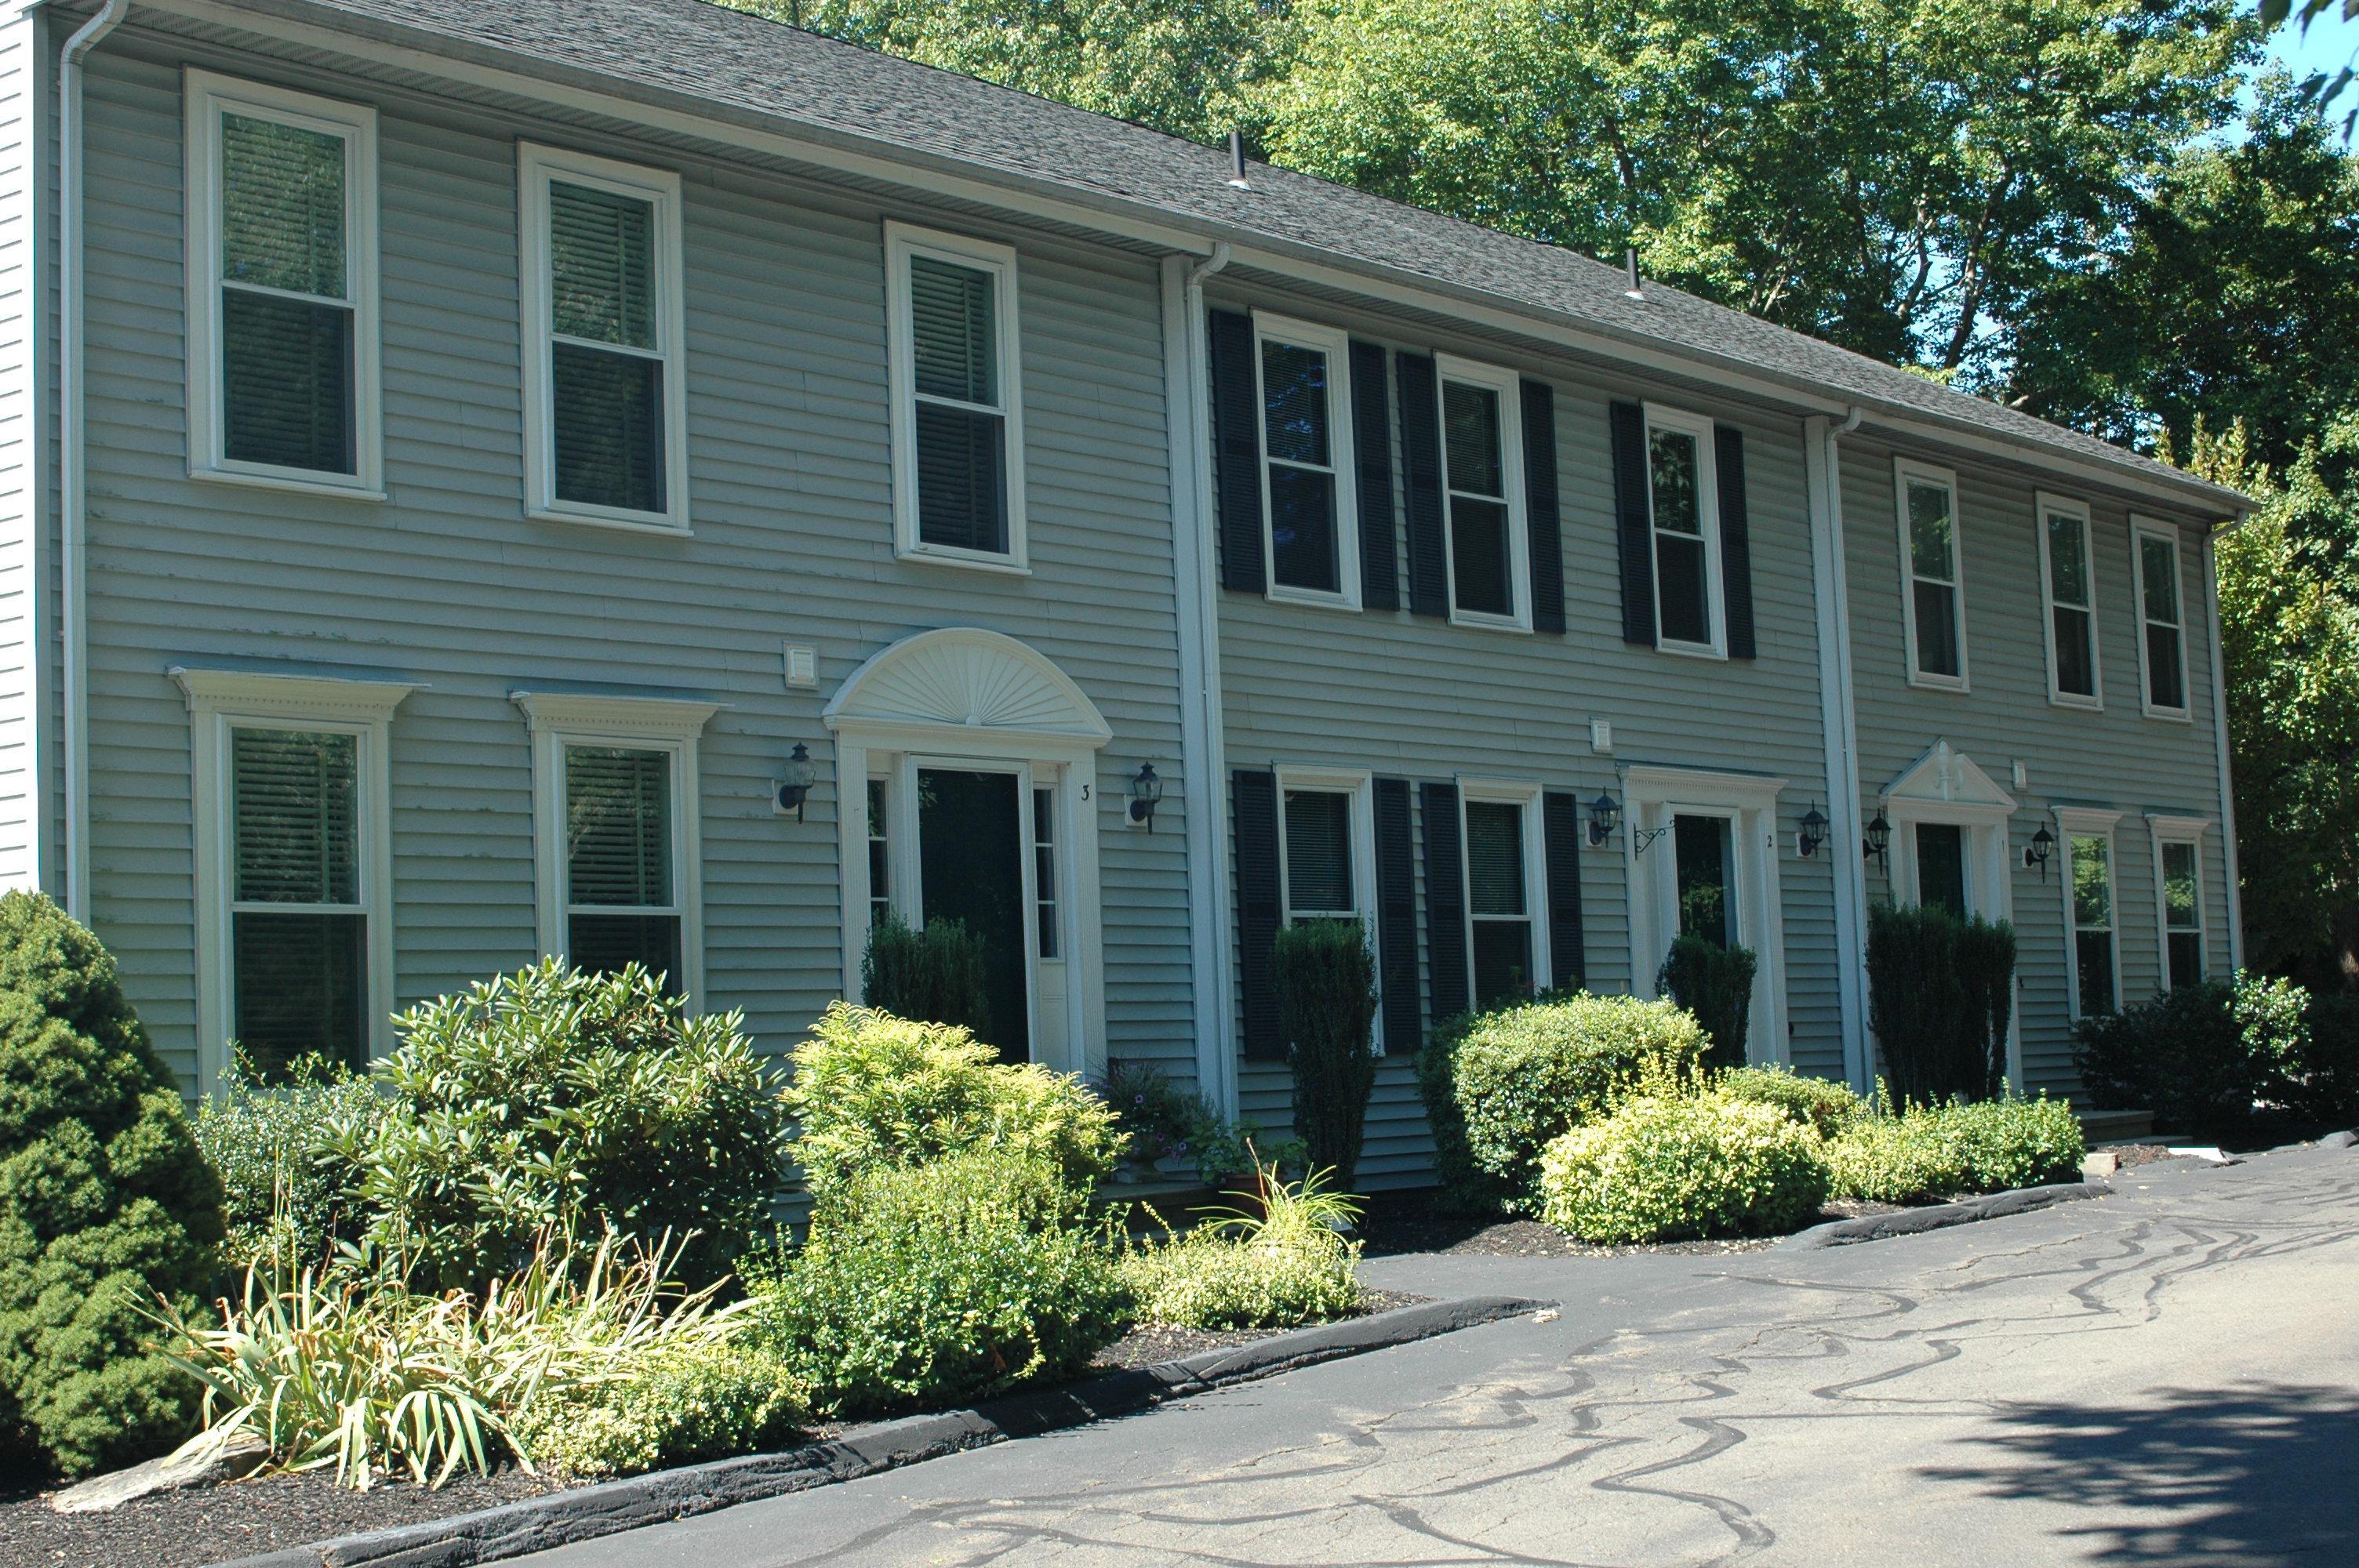 Maison unifamiliale pour l Vente à 65 Old Route 79 65 Old Route 79 1 Madison, Connecticut, 06443 États-Unis